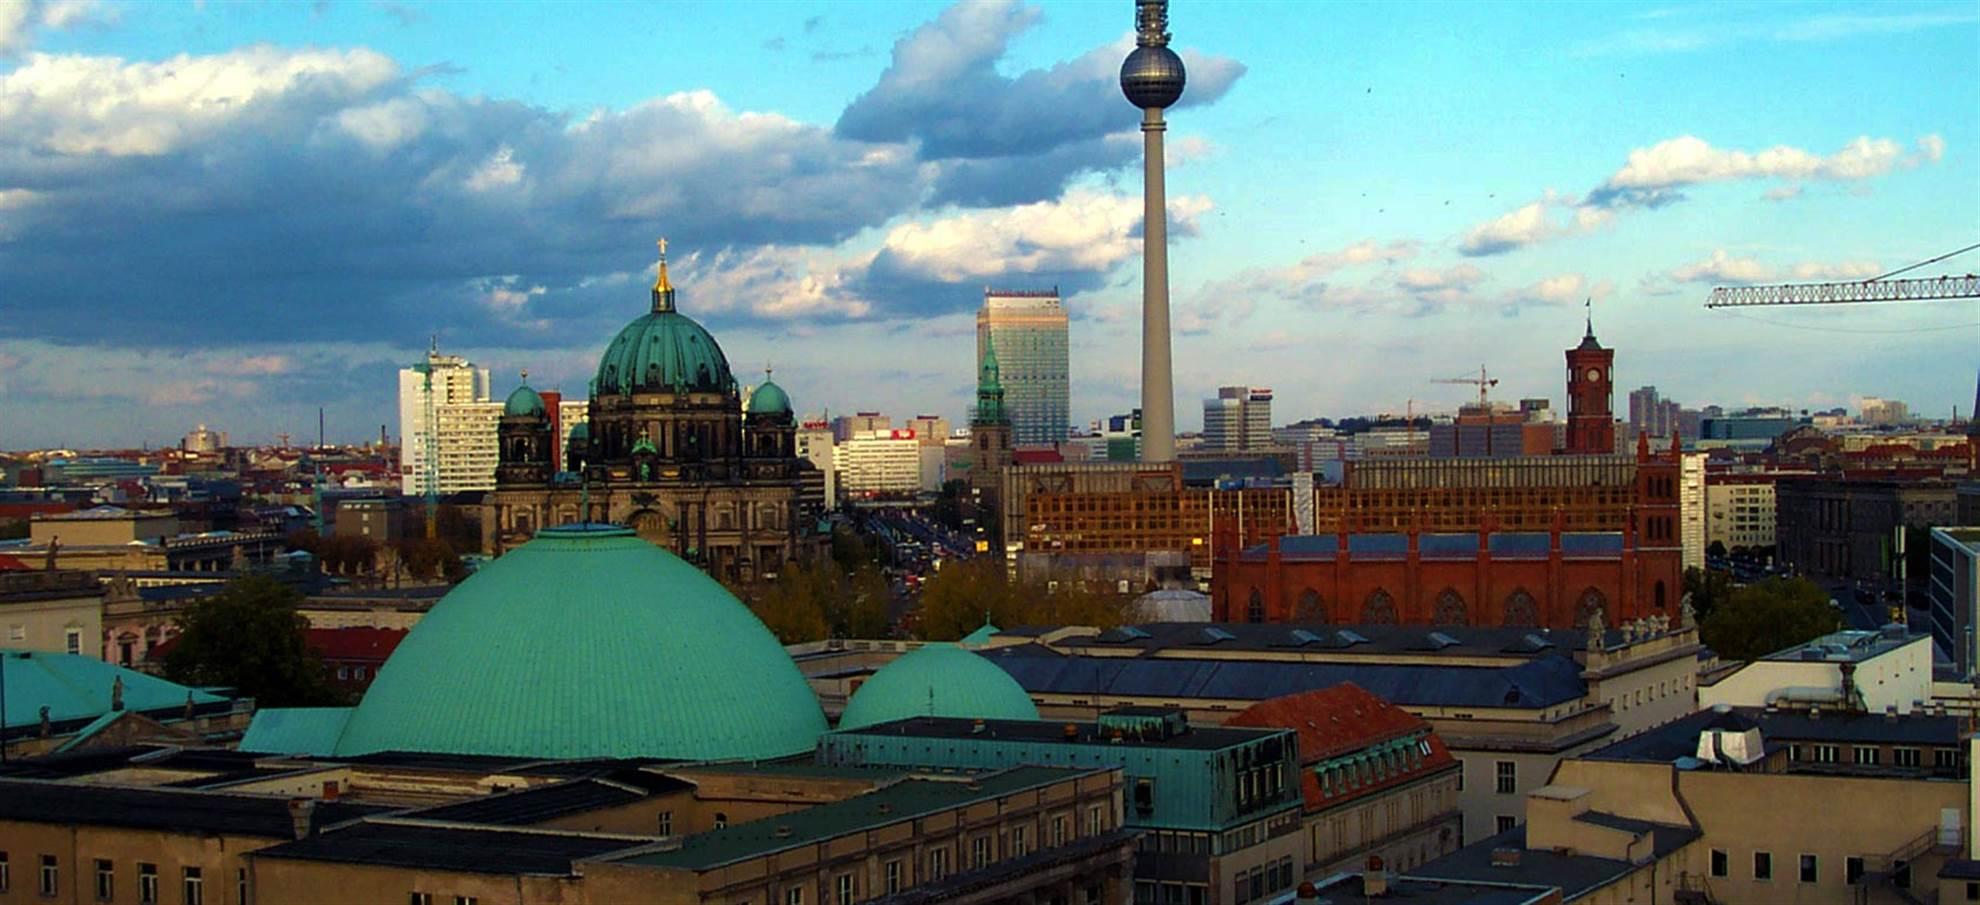 Berlin Today